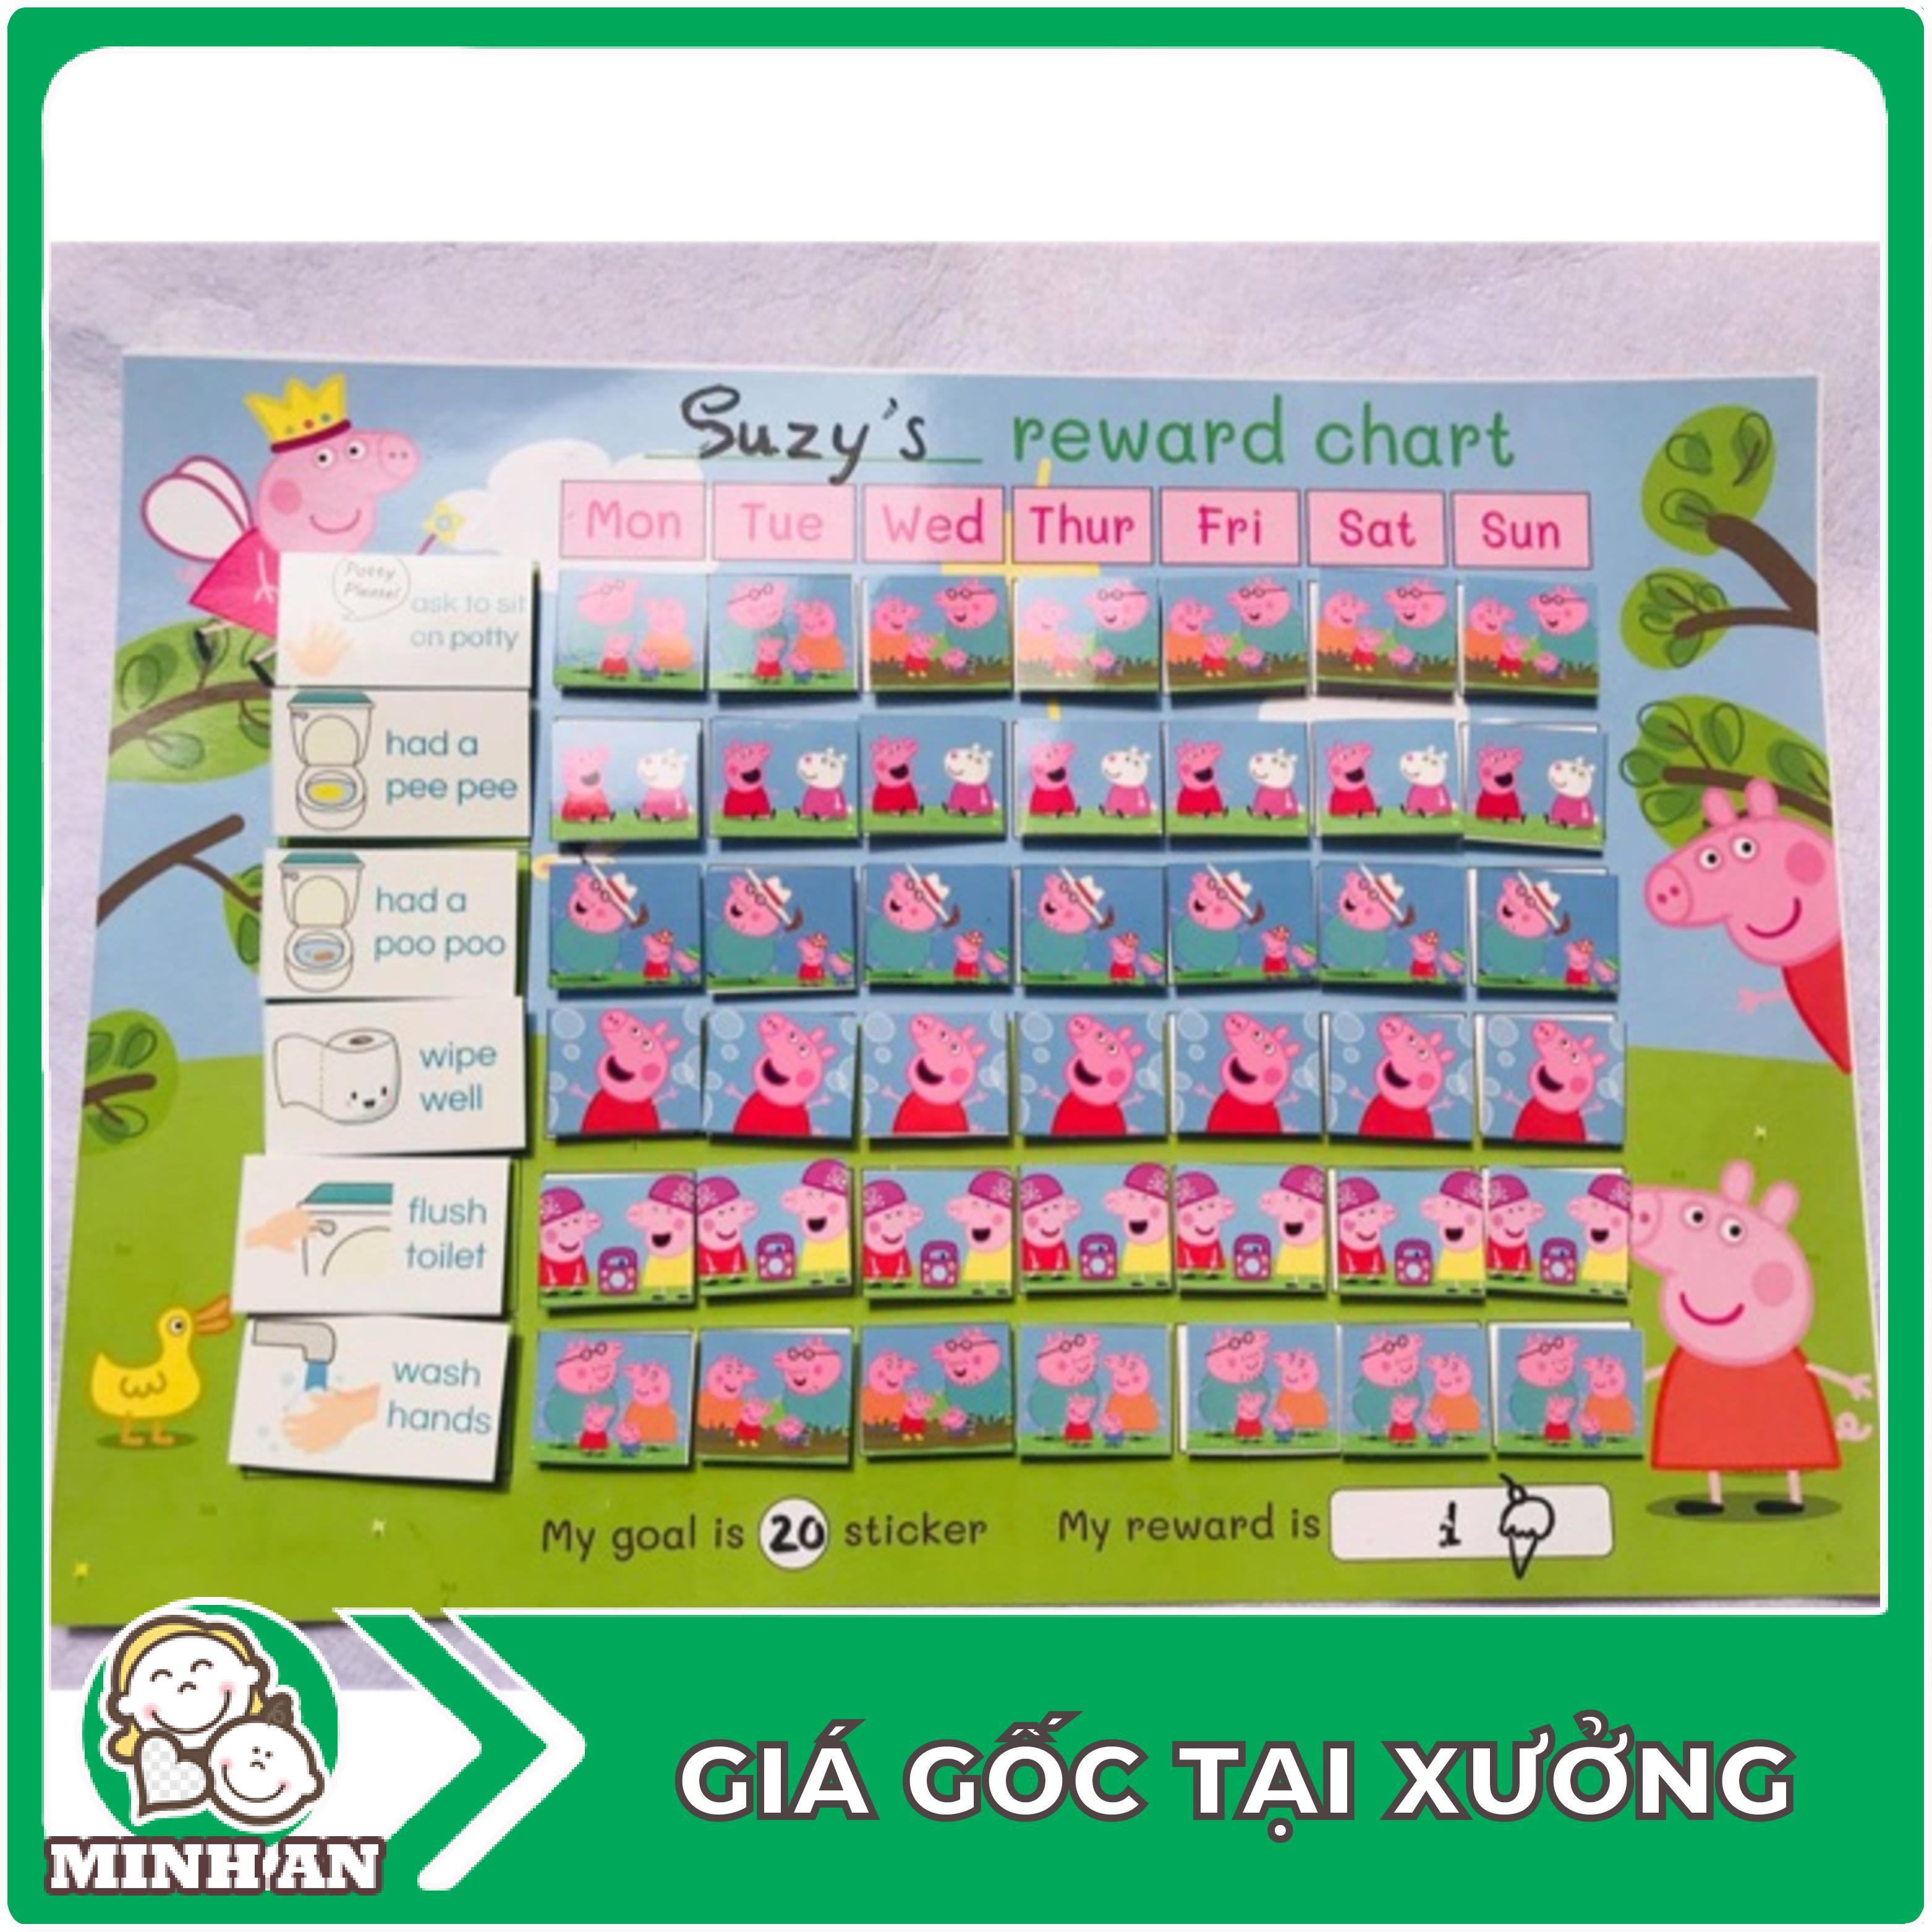 ❀ ❀ Bảng thành tích khen thưởng – Reward chart cho bé – Bộ đồ chơi cho bé ❀ ❀